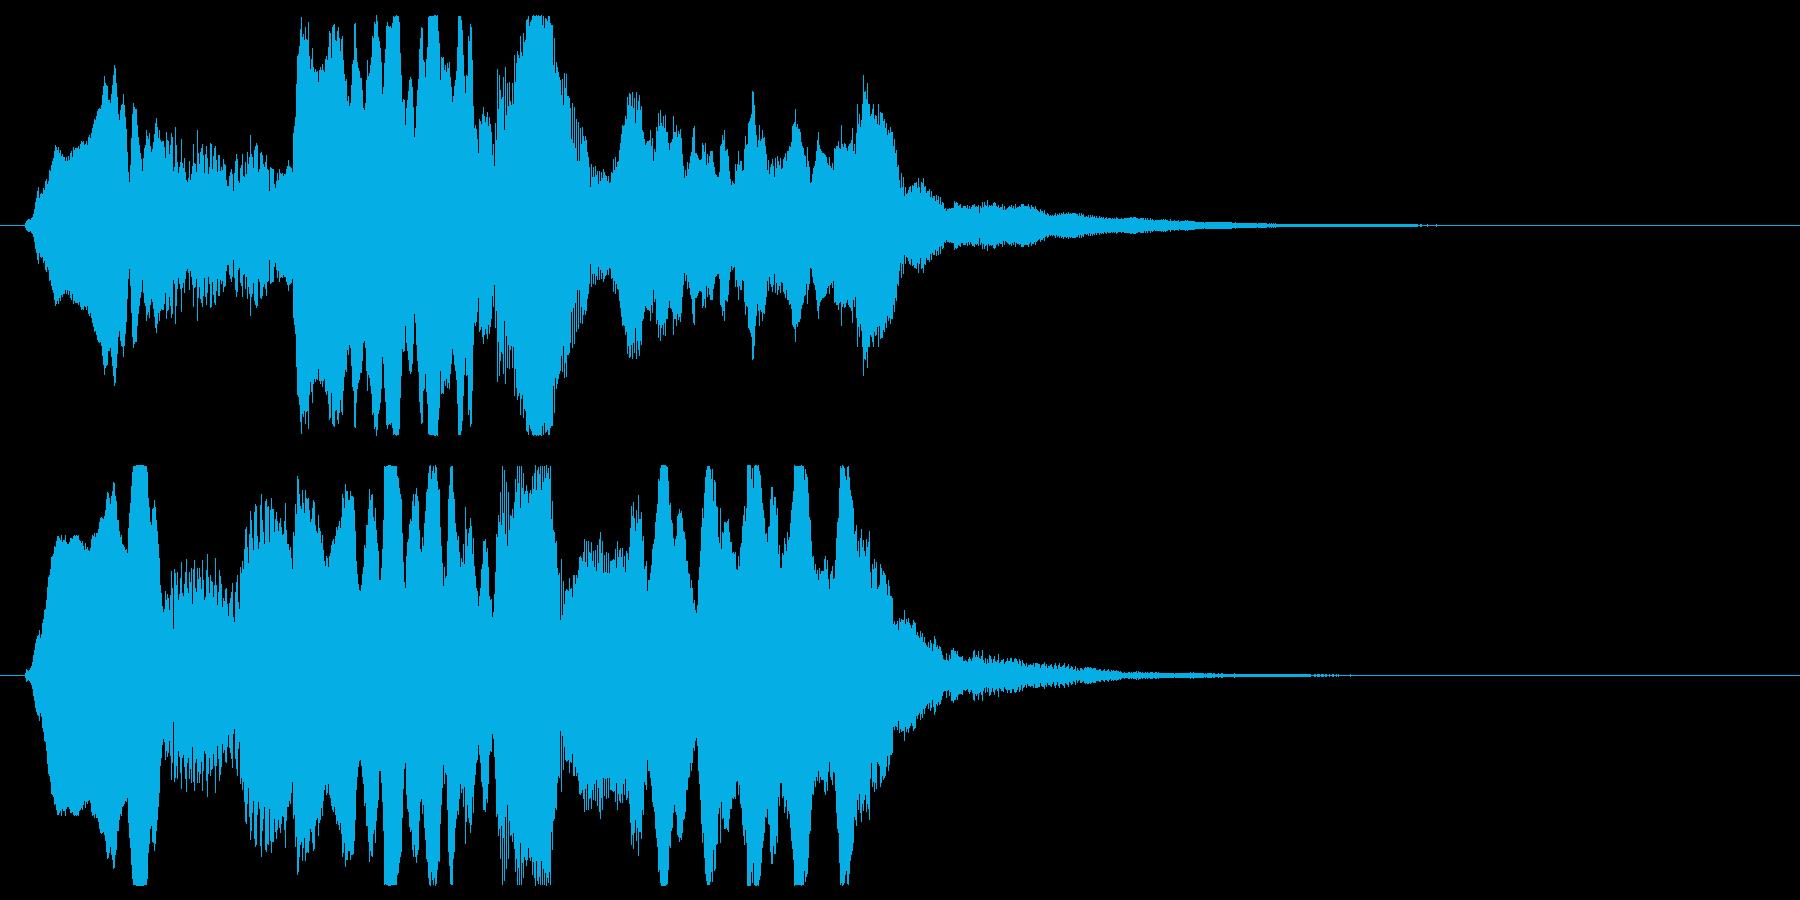 ゆったりしたフルートとハープのジングルの再生済みの波形